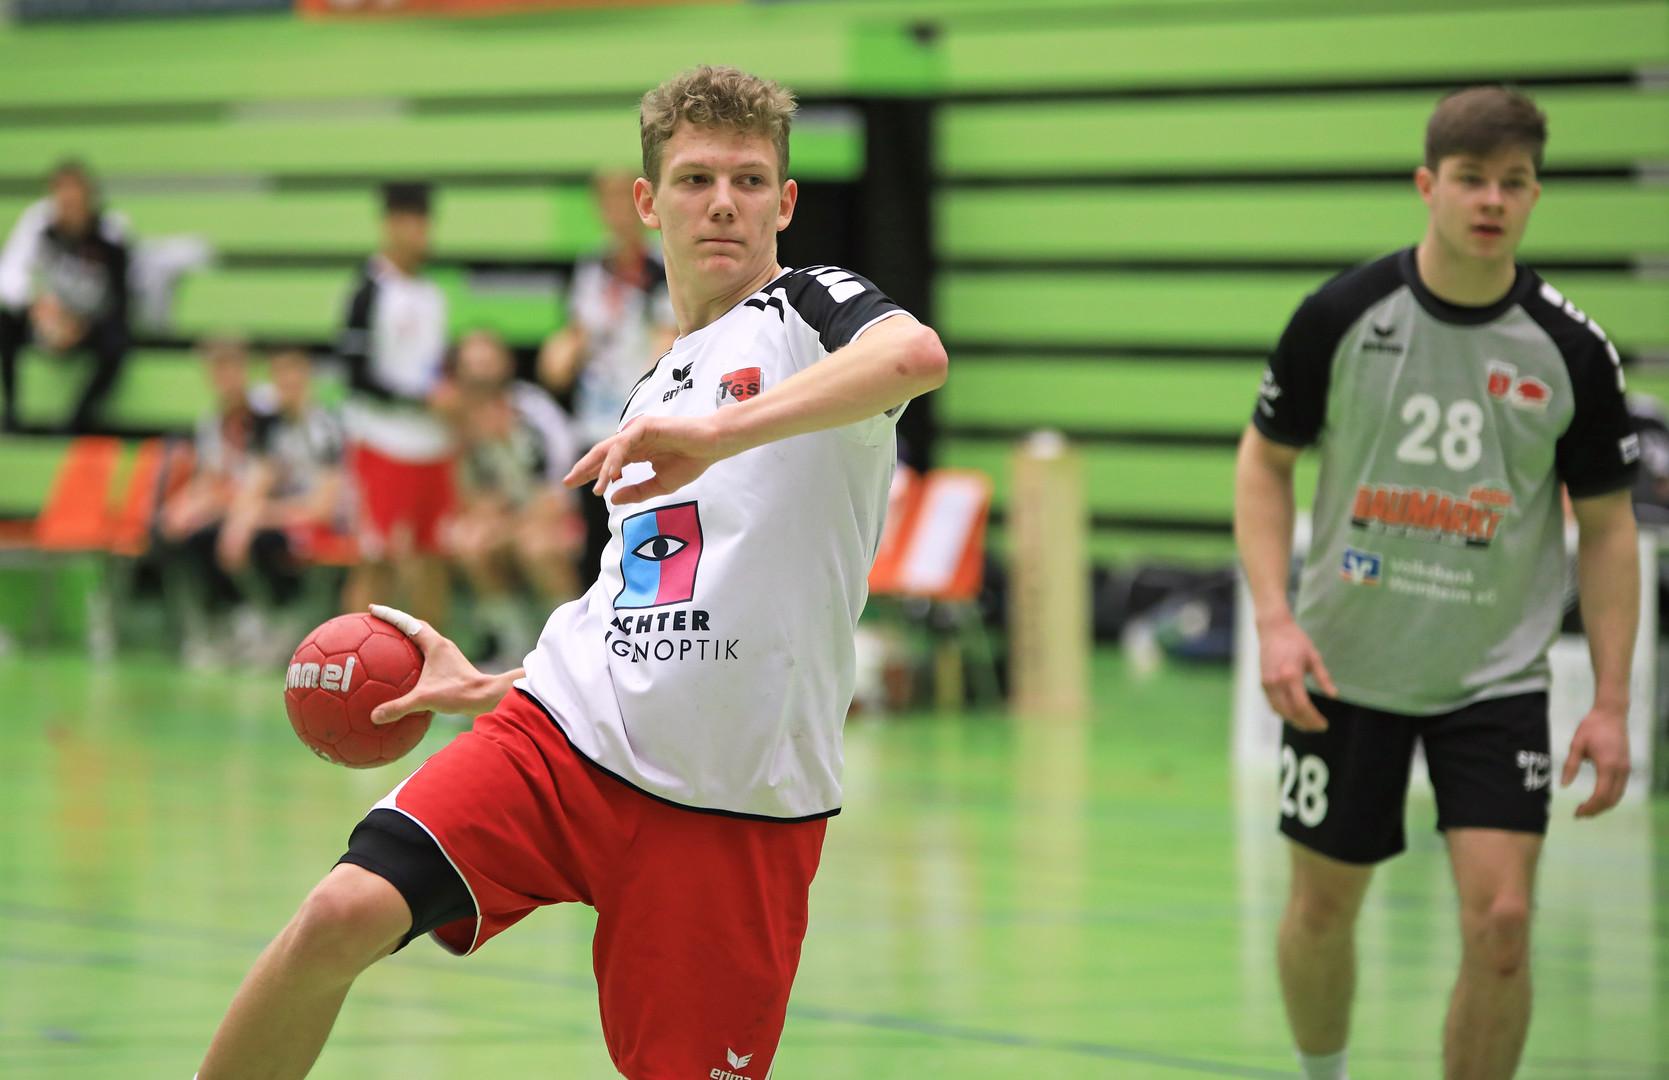 Niklas Seyfried